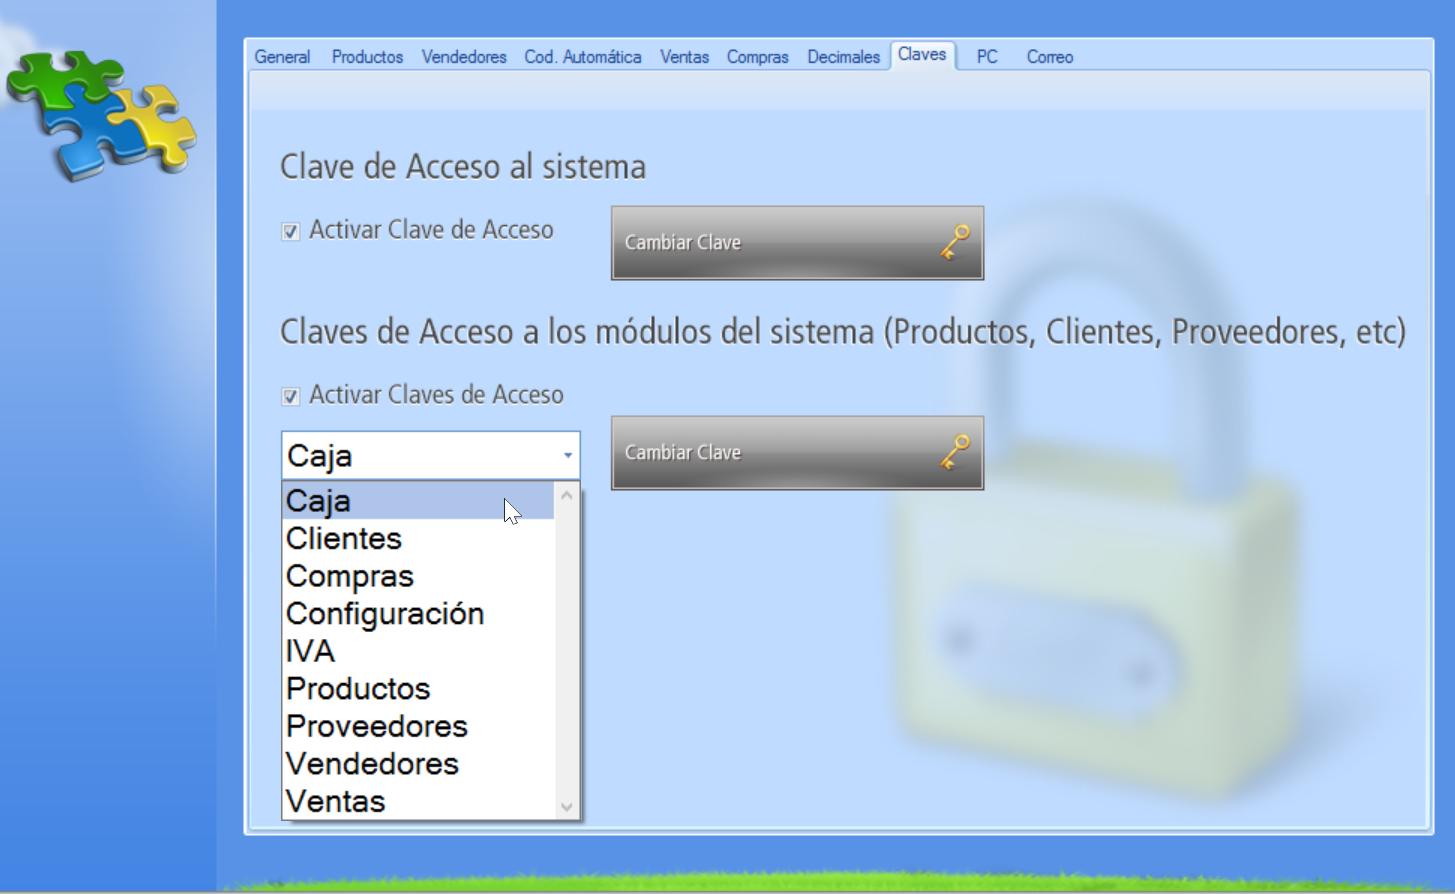 Selección del módulo del sistema al cual asignarás una clave de acceso